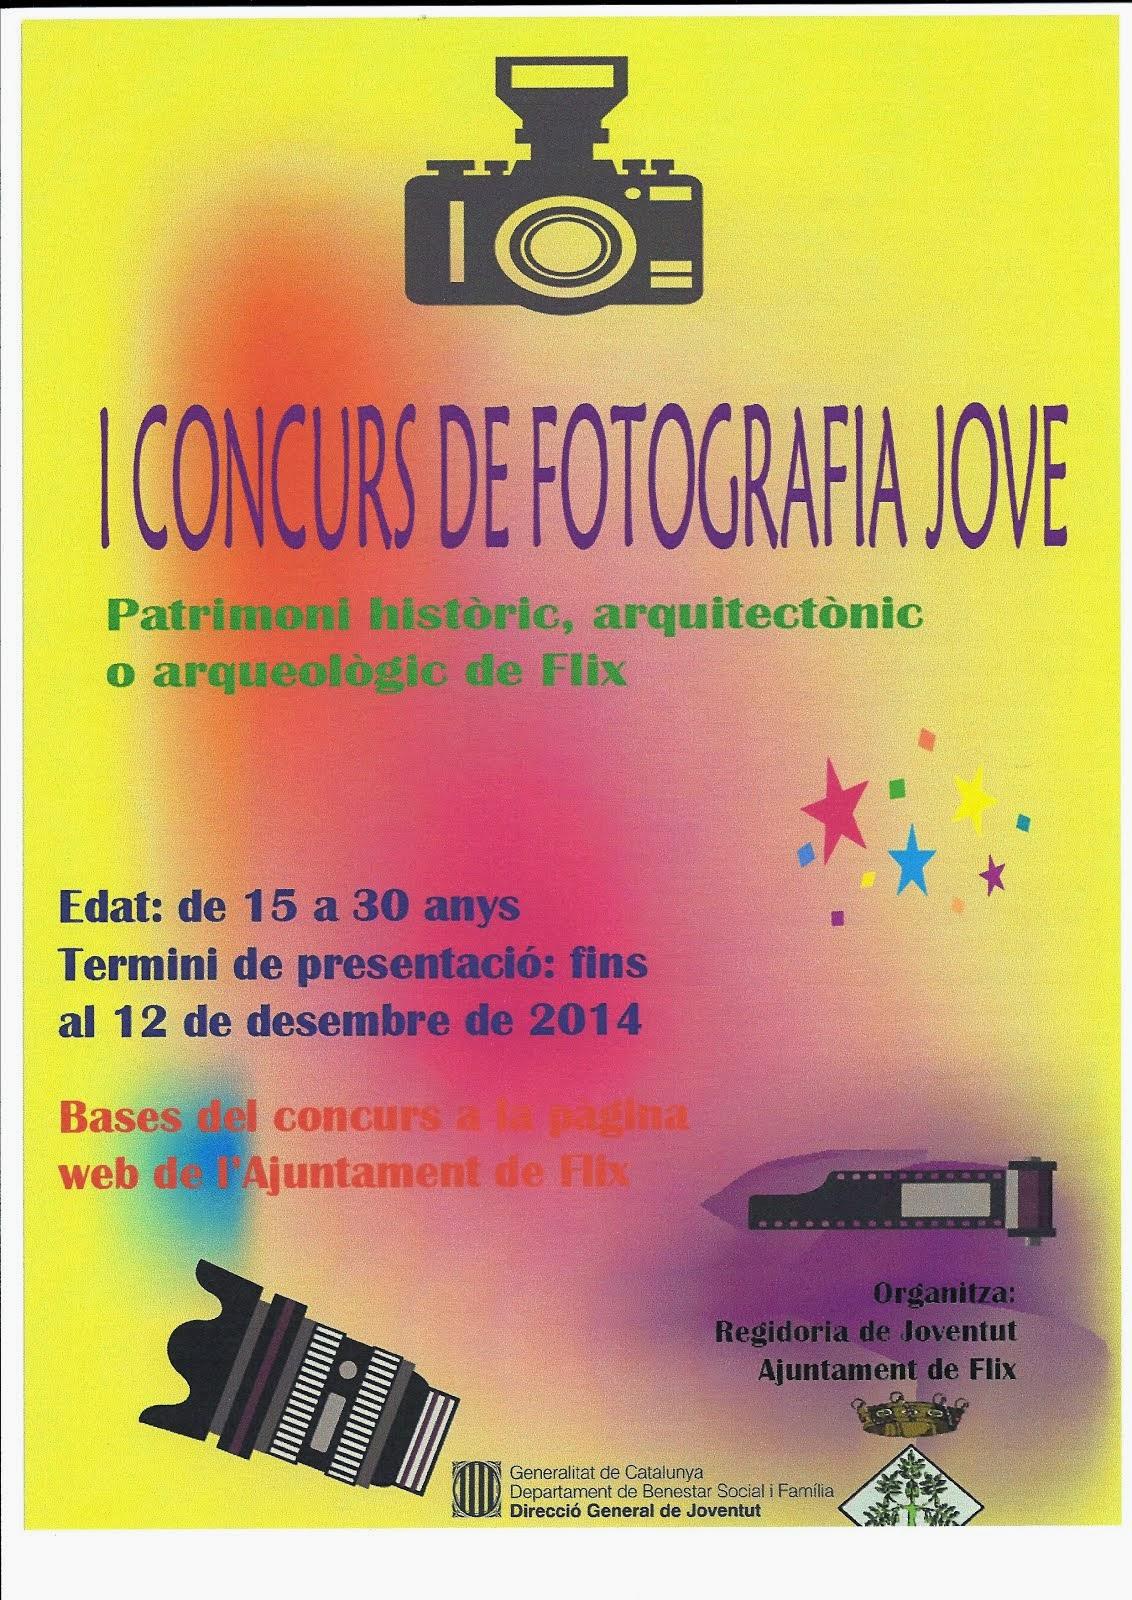 Concurs de fotografia jove.